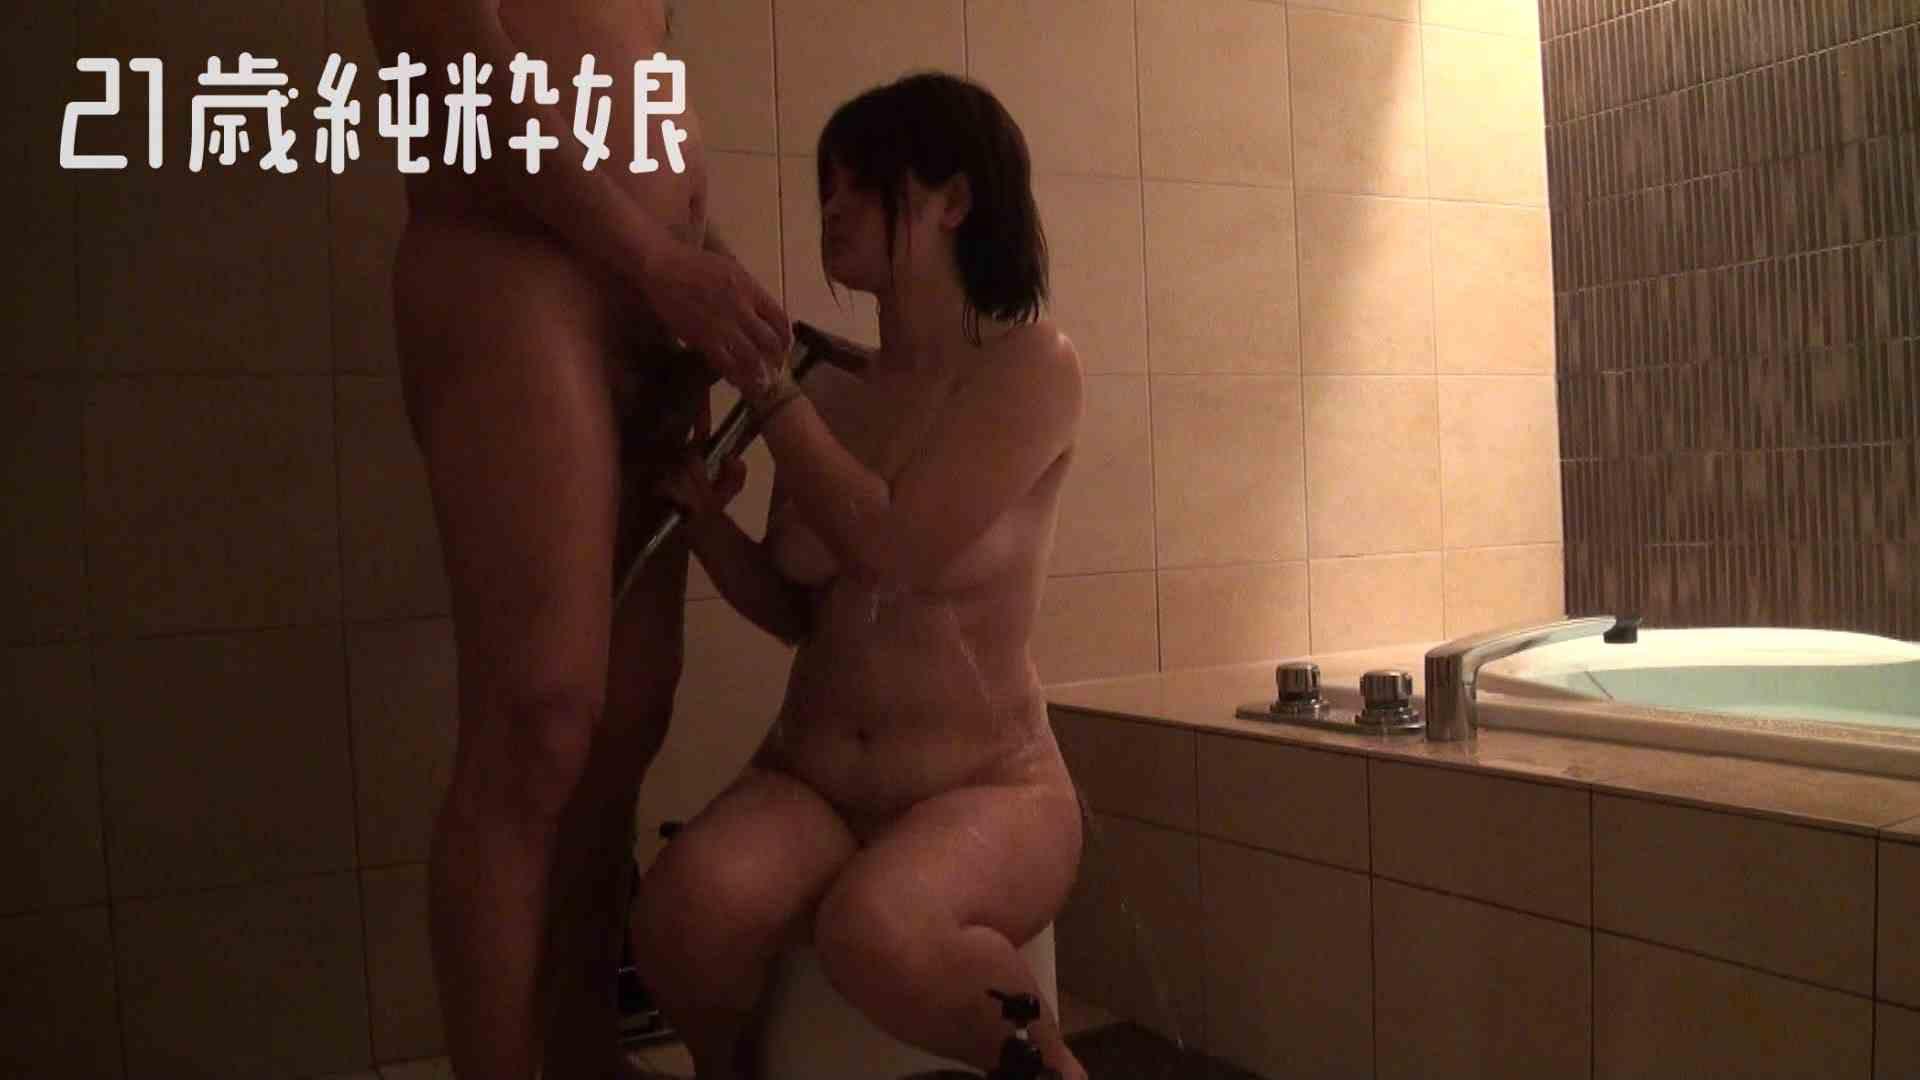 Gカップ21歳純粋嬢第2弾Vol.2 エッチなOL エロ無料画像 65pic 14